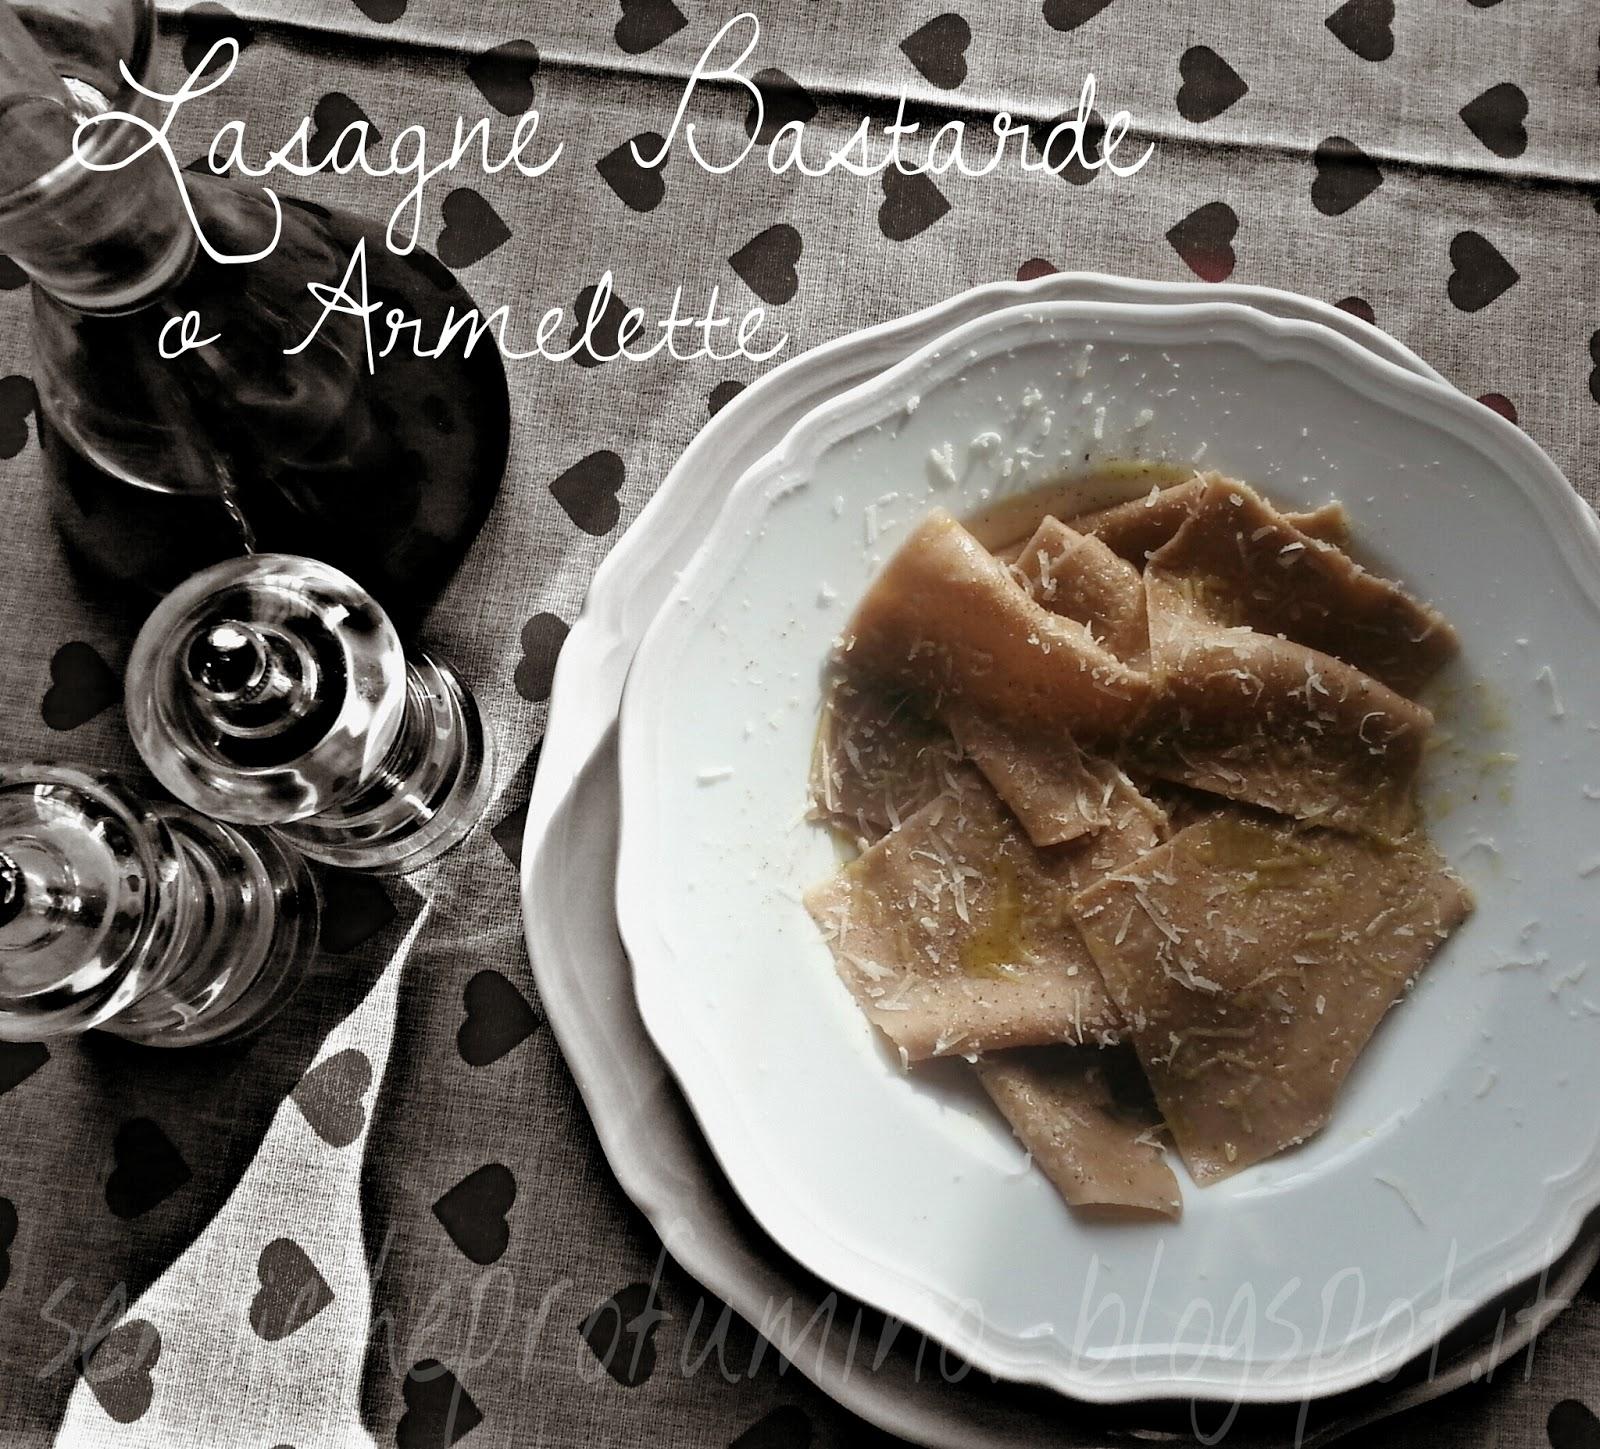 Lasagne bastarde o armelette cucina tradizionale toscana for La casa toscana tradizionale